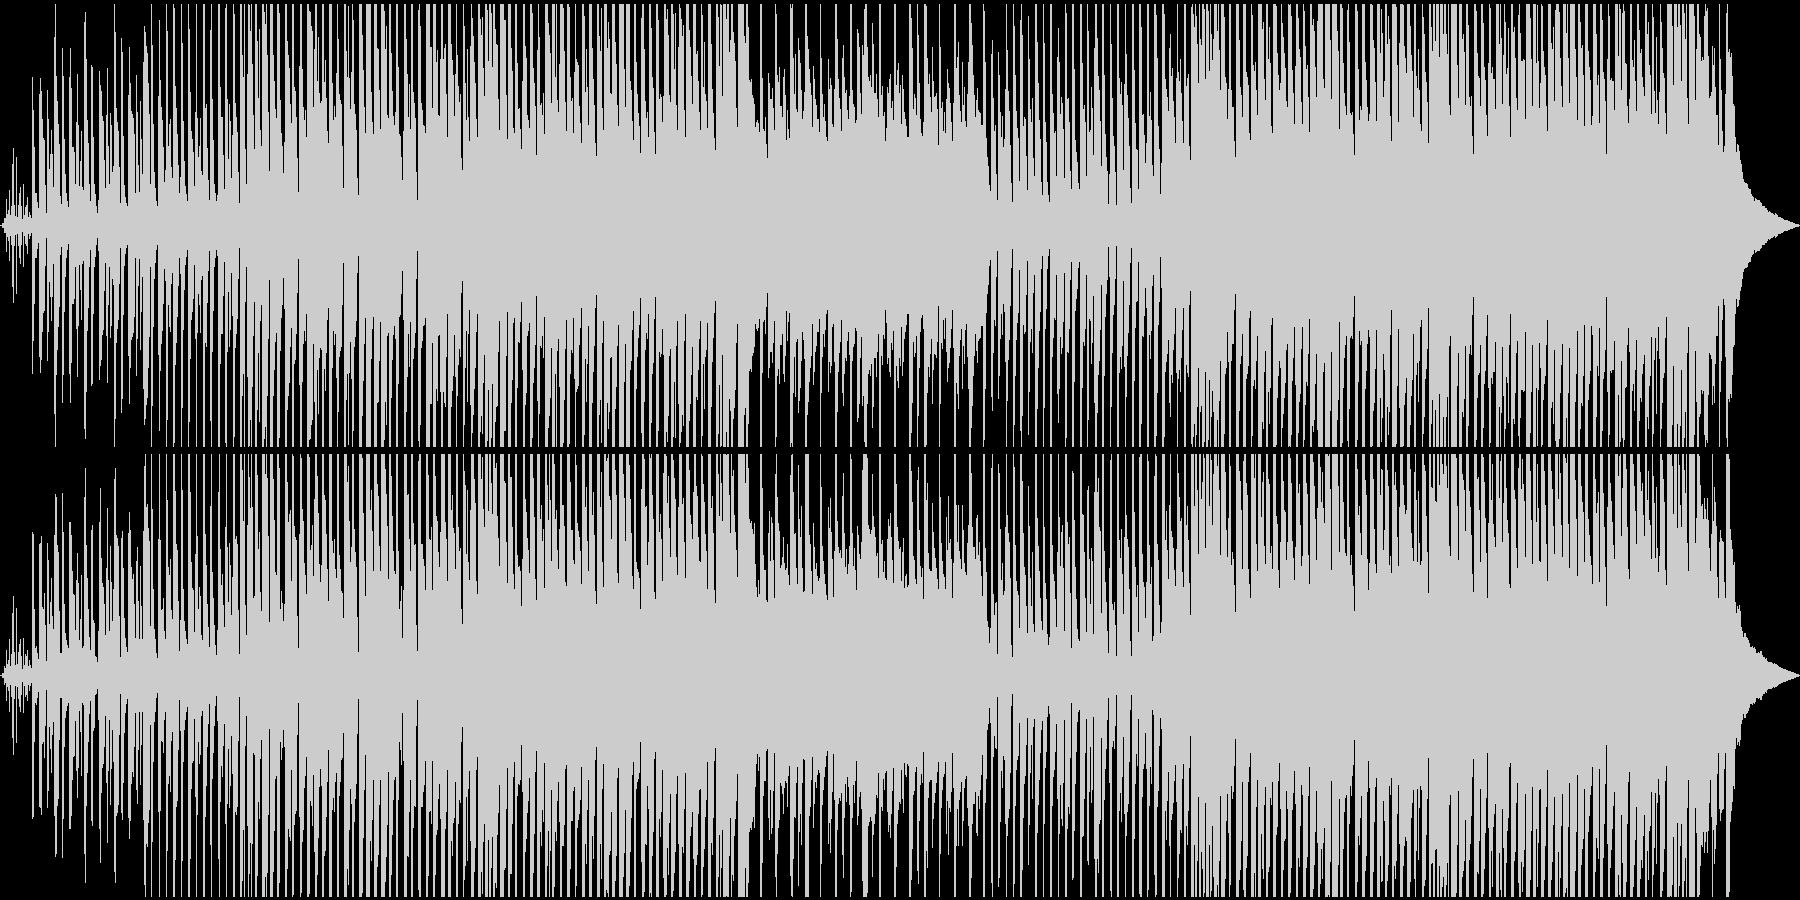 レゲエ スカし カントリー 民謡 ...の未再生の波形